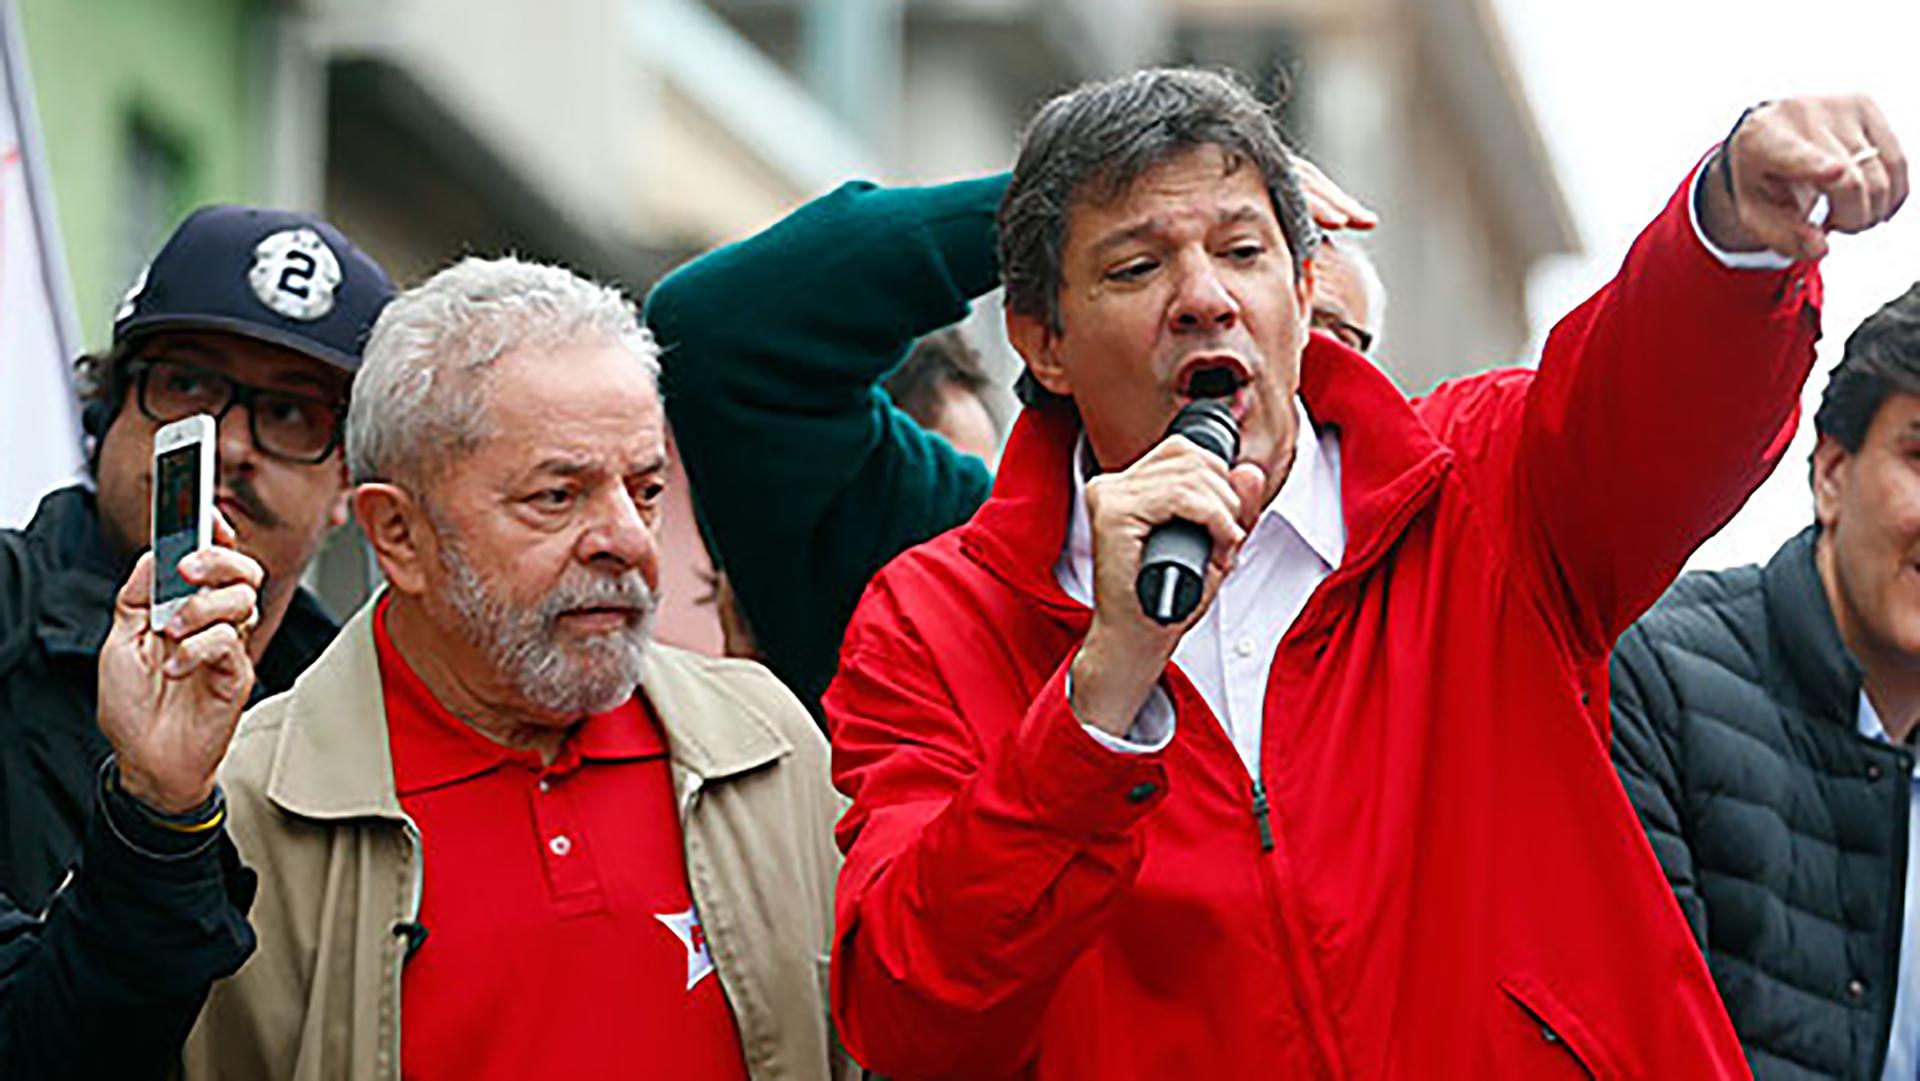 Haddad reemplazó a Lula da Silva en la candidatura del PT